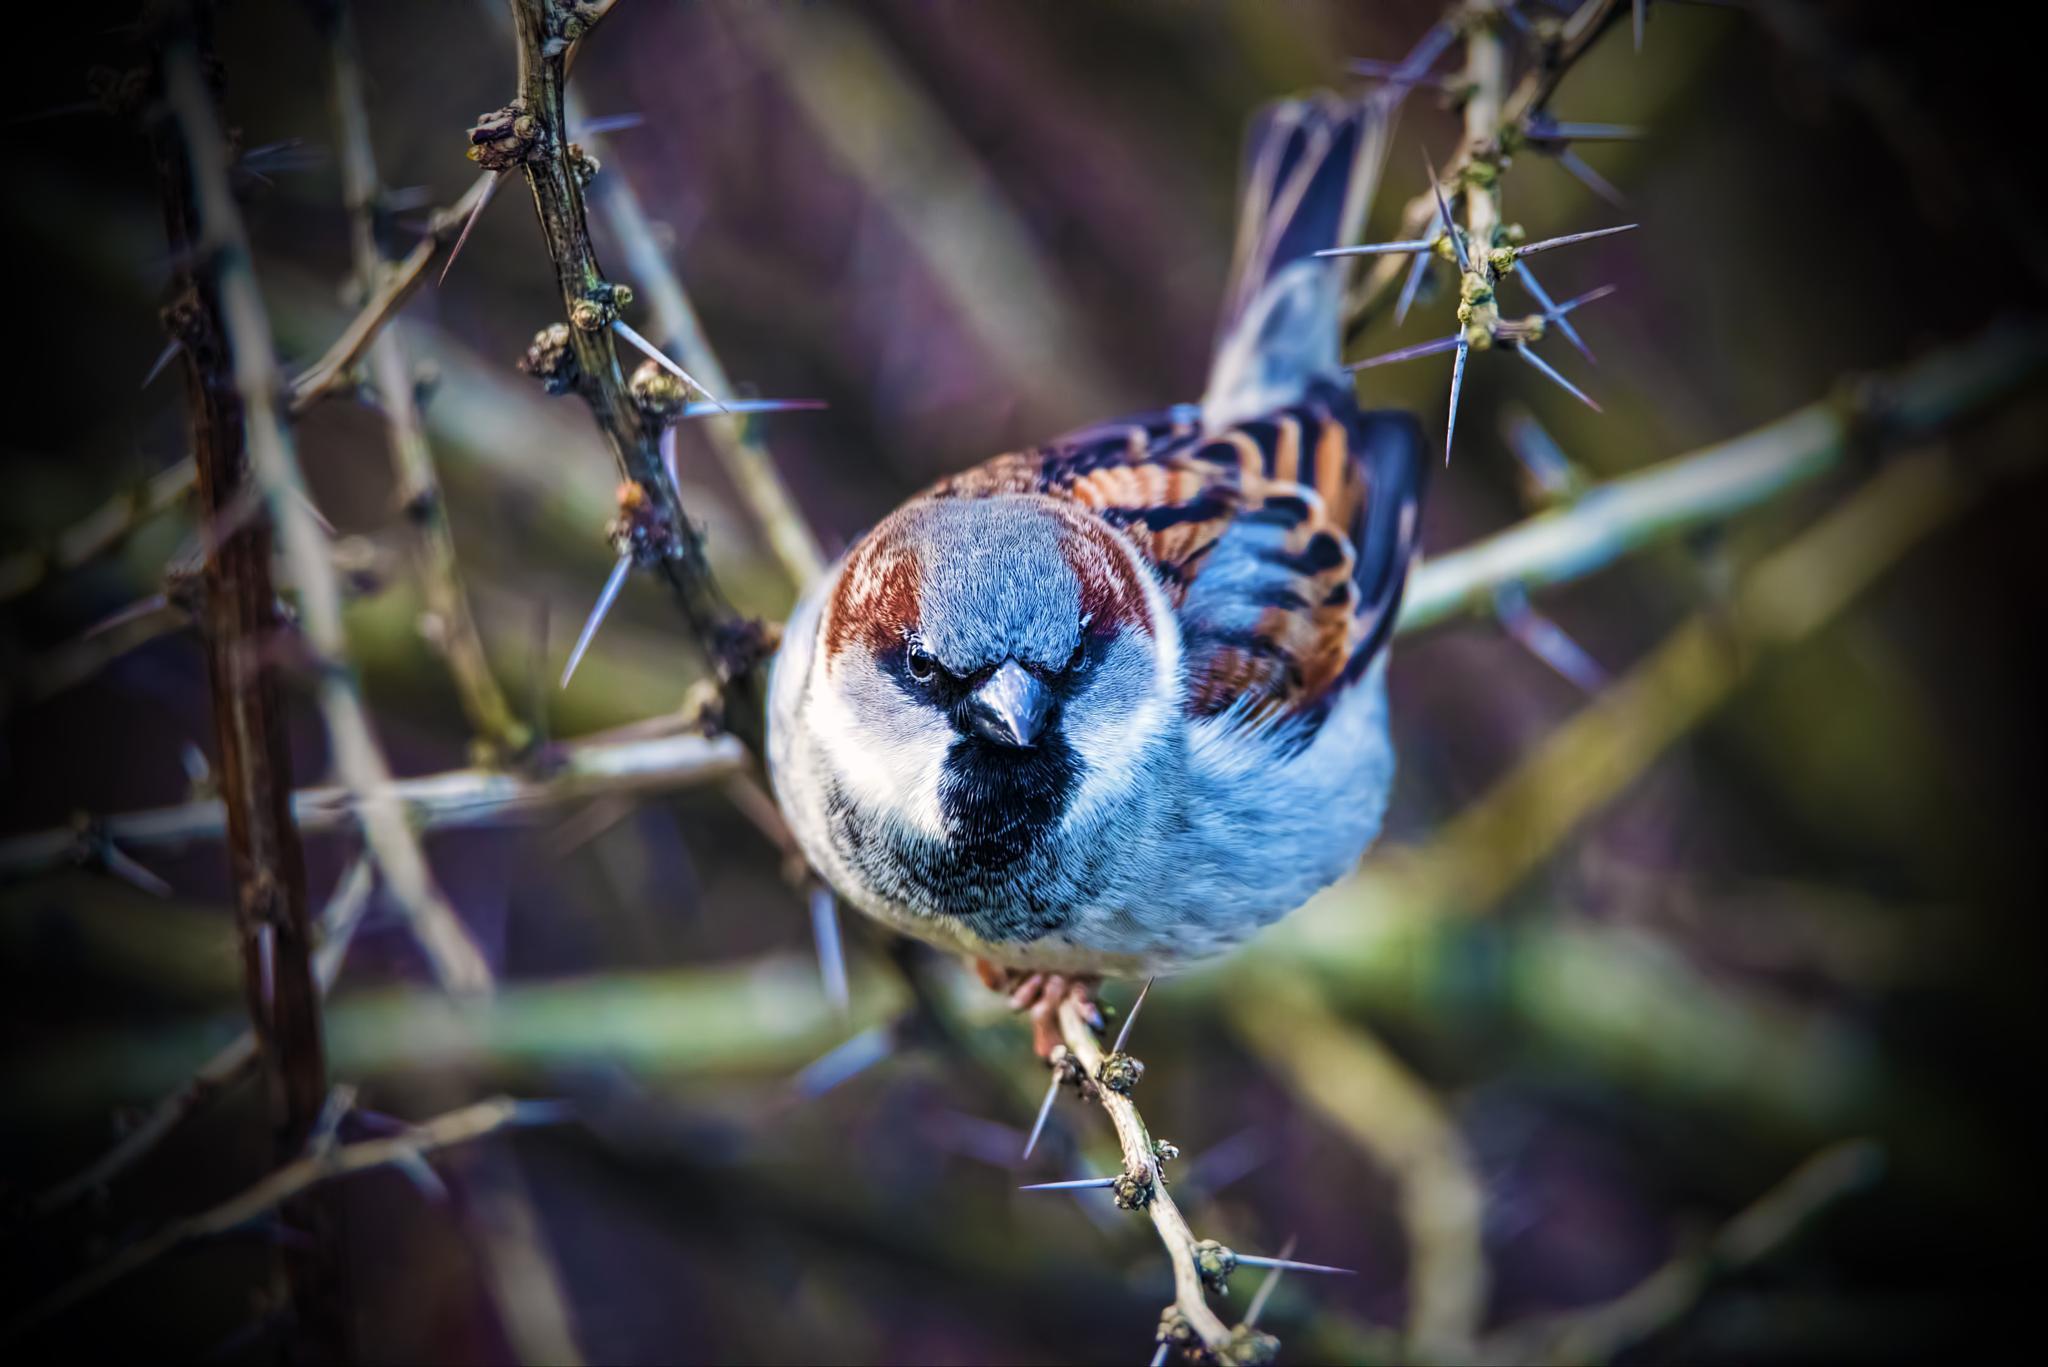 Sparrow-spikes by Stian Olaisen